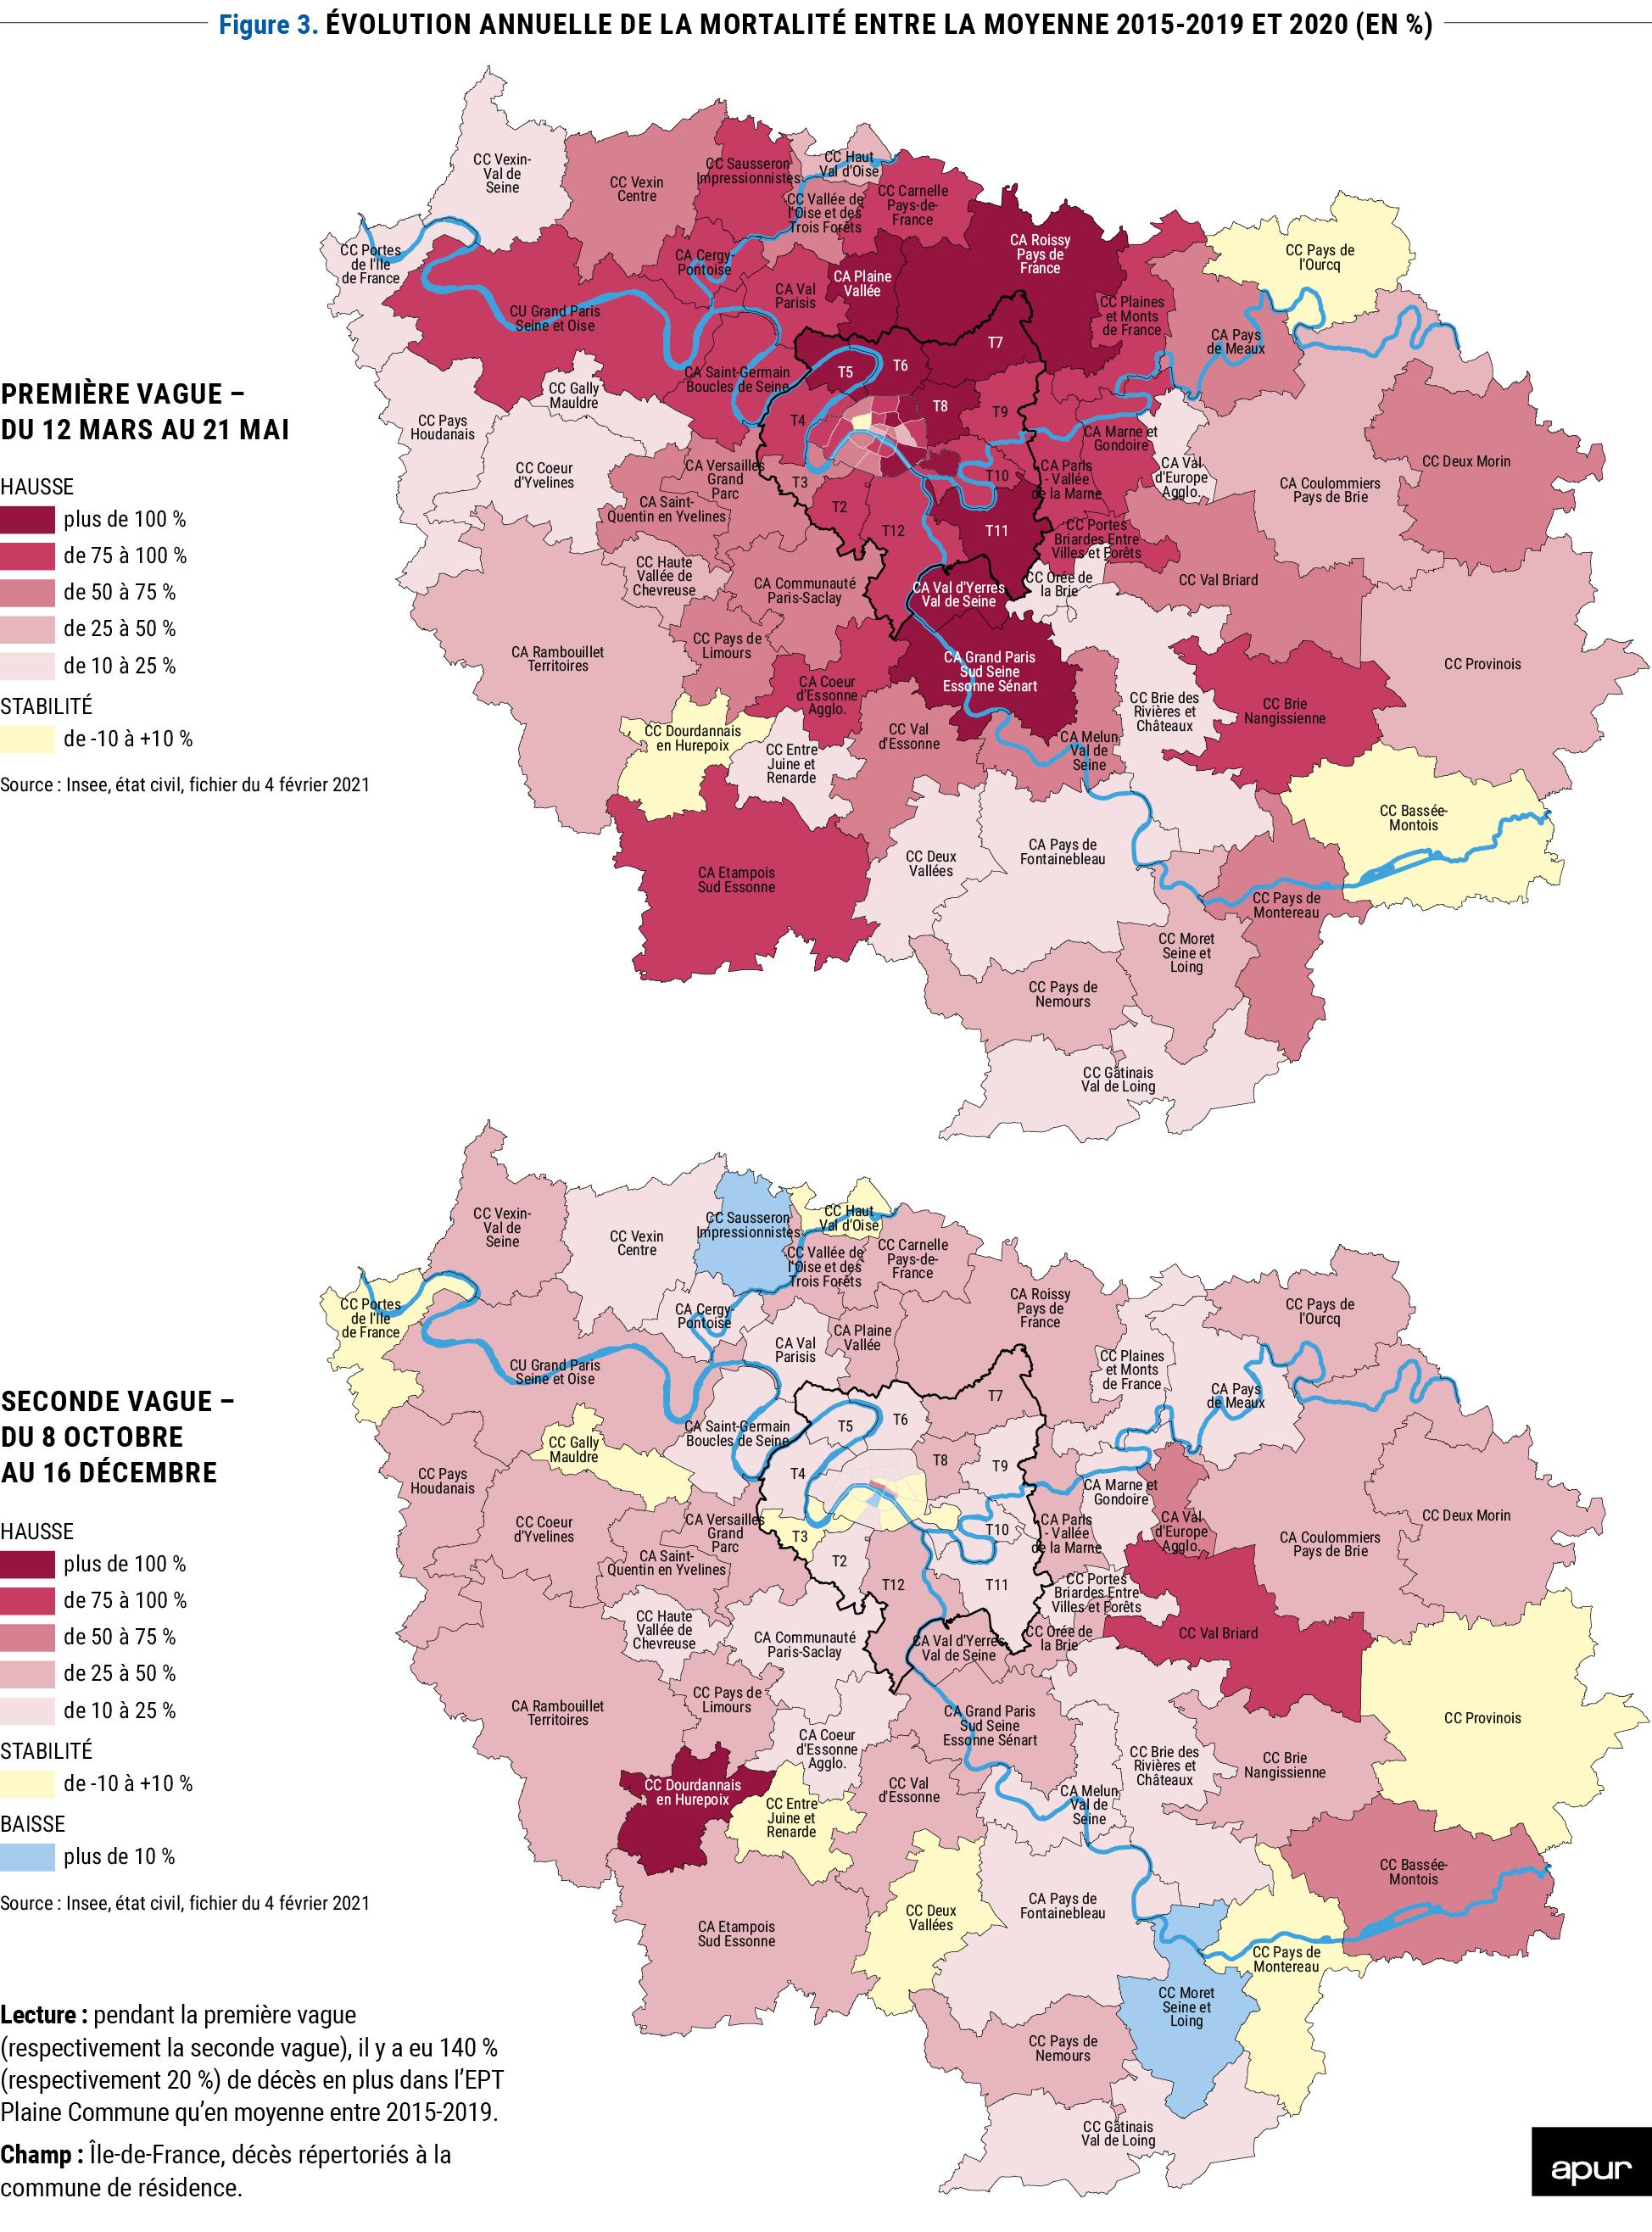 Figure 3 : évolution annuelle de la mortalité entre la moyenne 2015-2019 et 2020 (en %) © Apur